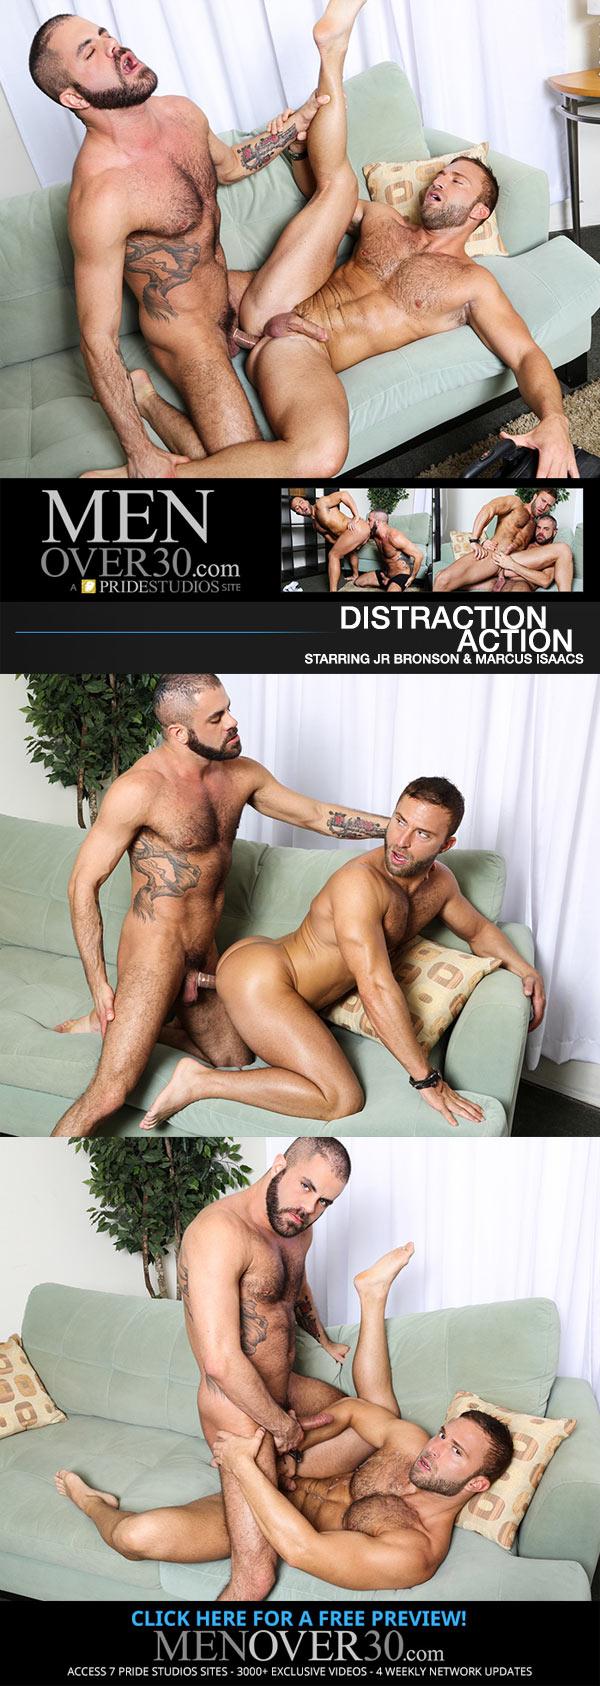 Distraction Action (JR Bronson & Marcus Isaacs) at MenOver30